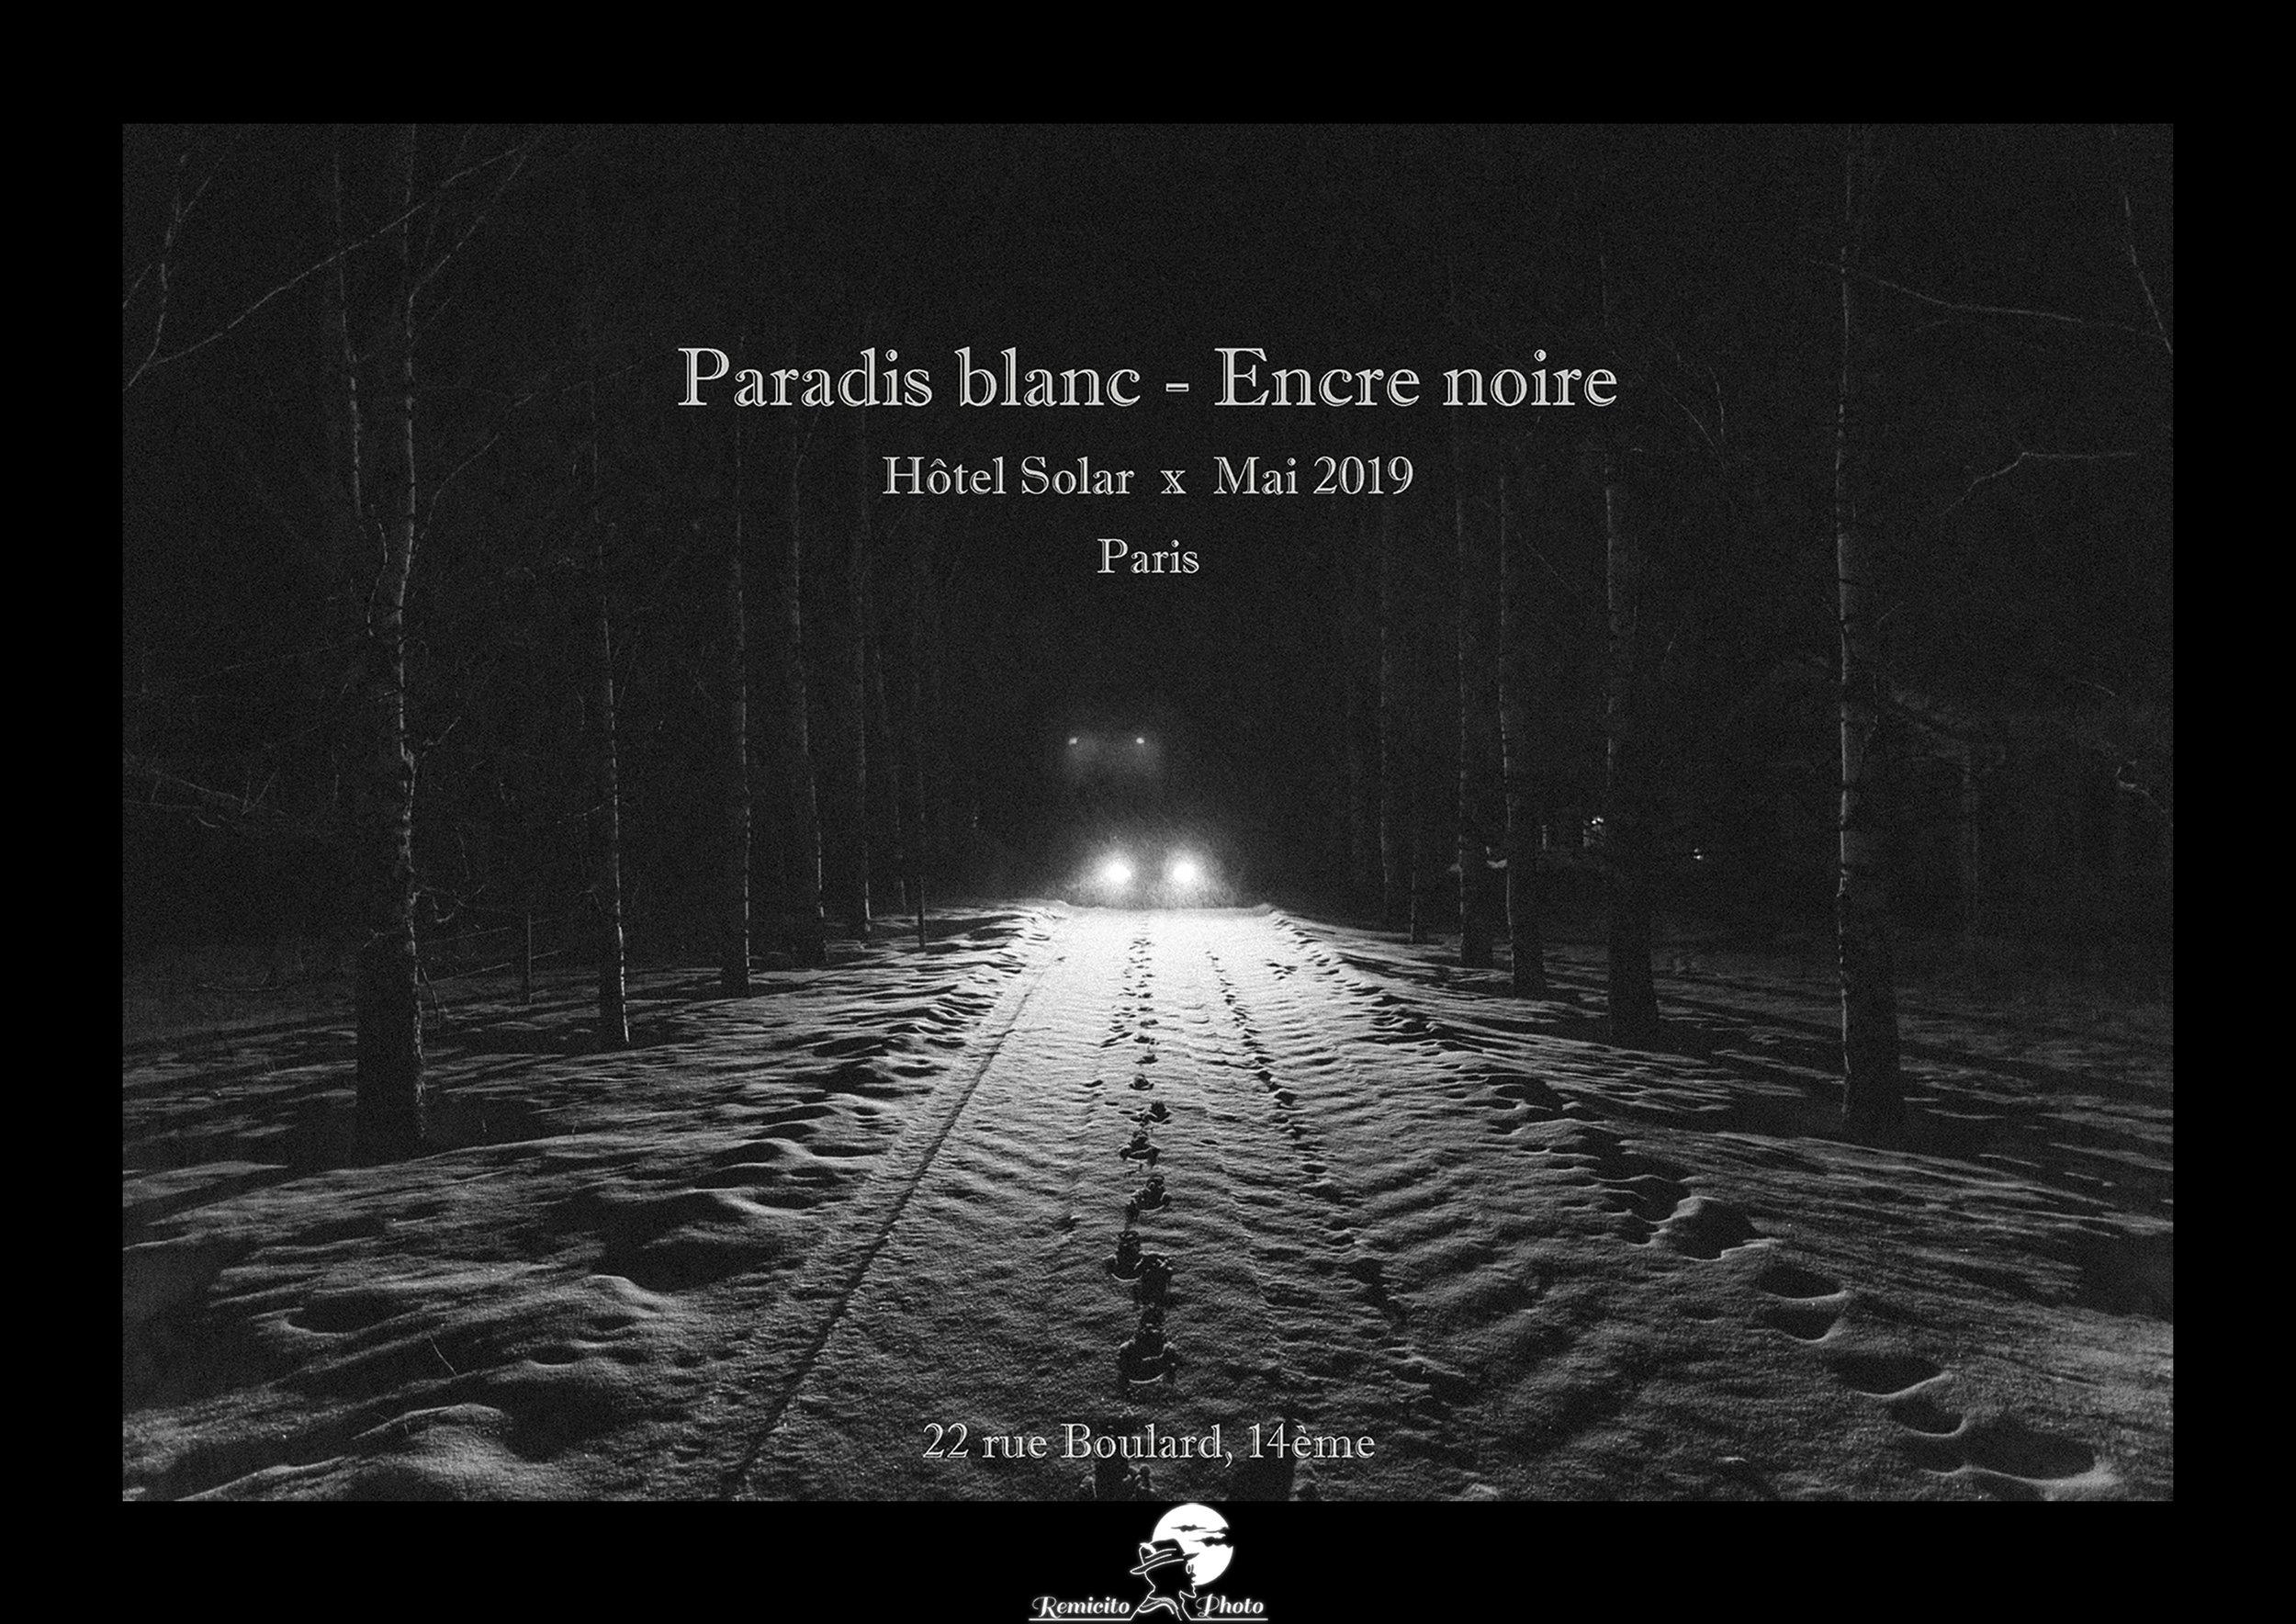 Exposition remicito paradis blanc encre noire